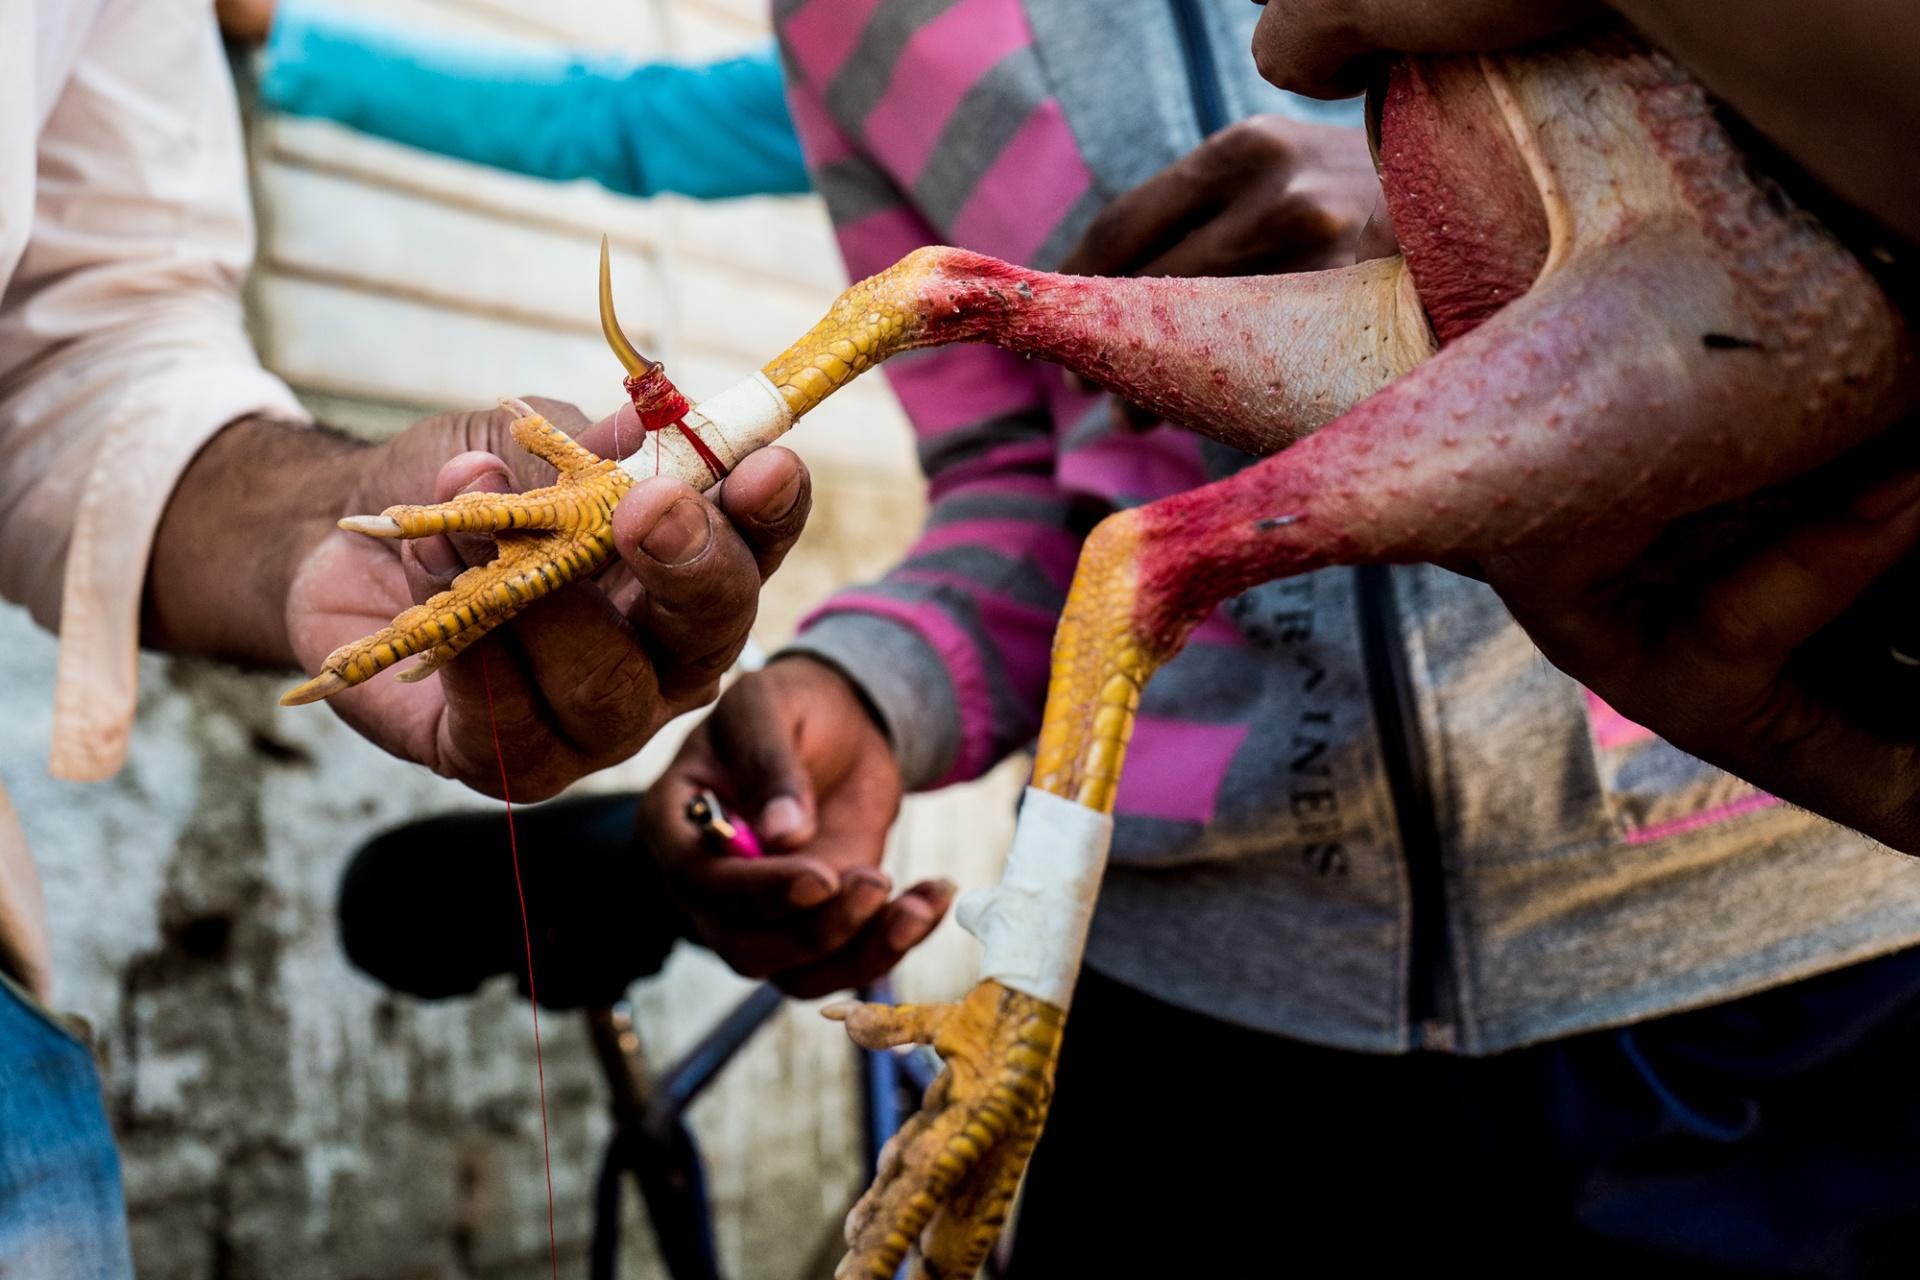 Cuba - La pelea de gallos, Il combattimento tra galli è uno dei più seguiti passatempo domenicali di Cuba, specie nelle realtà più rurali dell'Isola. Mi sono imbattuto per caso in questa esperienza